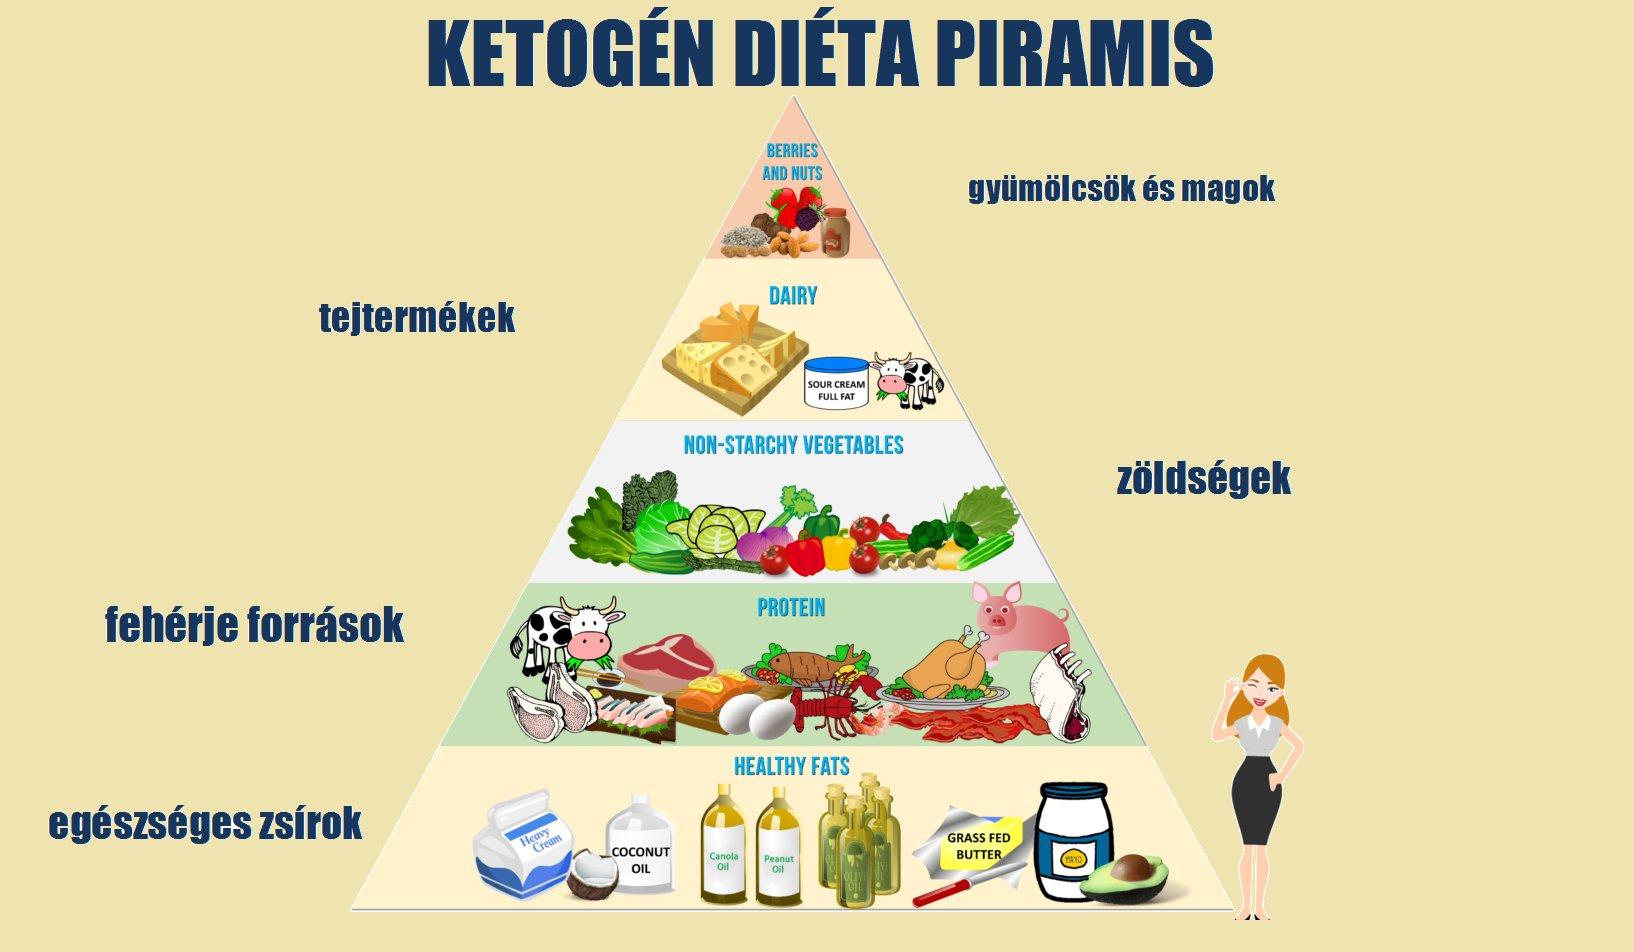 ketogén diéta étrend ételek